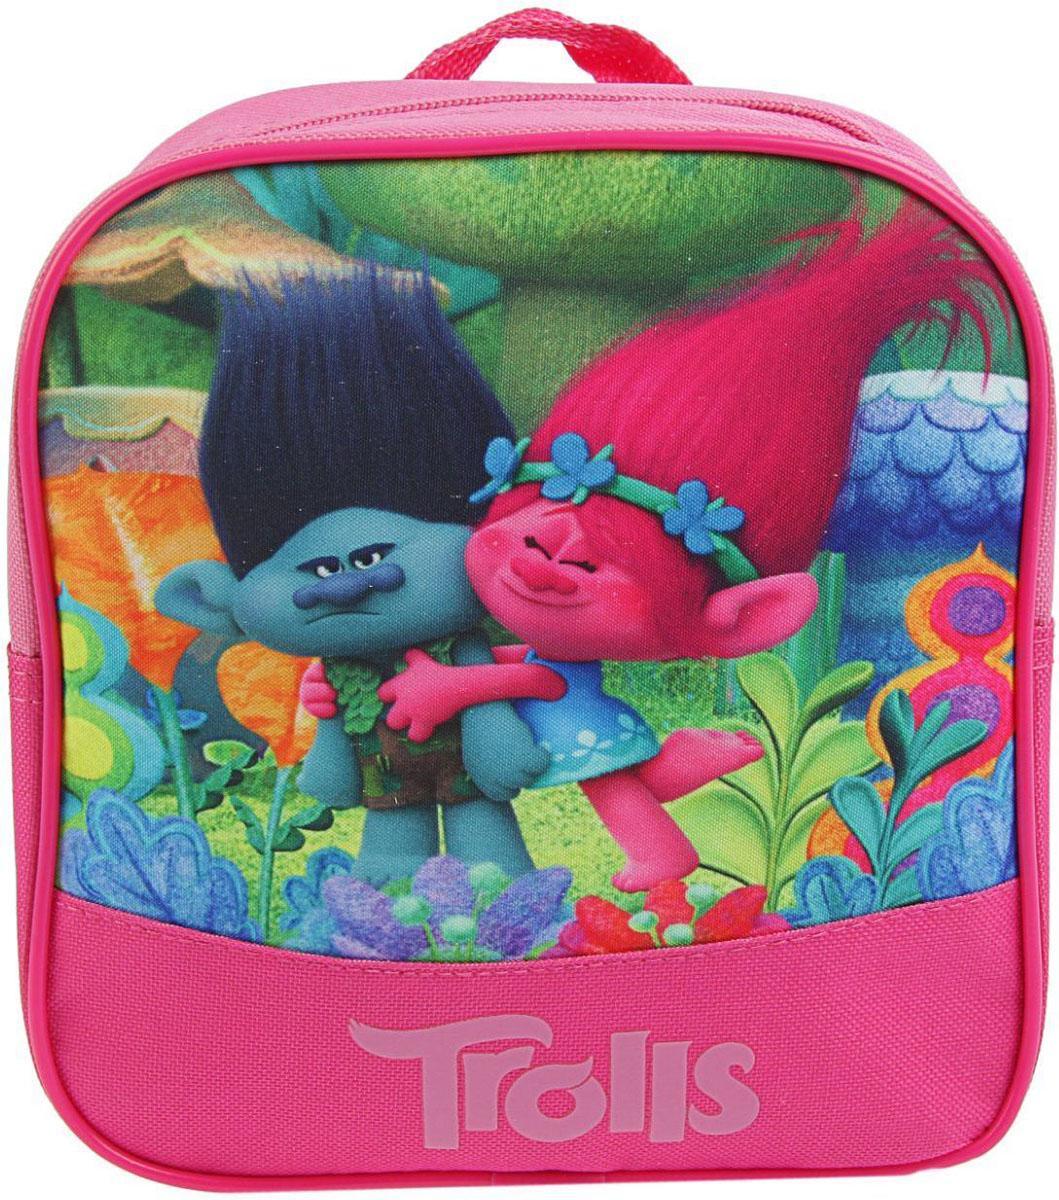 Trolls Рюкзак детский цвет розовый72523WDИзделия данной категории необходимы любому человеку независимо от рода его деятельности. У нас представлен широкий ассортимент товаров для учеников, студентов, офисных сотрудников и руководителей, а также товары для творчества.Рюкзачок детский поможет организовать ваше рабочее пространство и время. Востребованные предметы в удобной упаковке будут всегда под рукой в нужный момент.